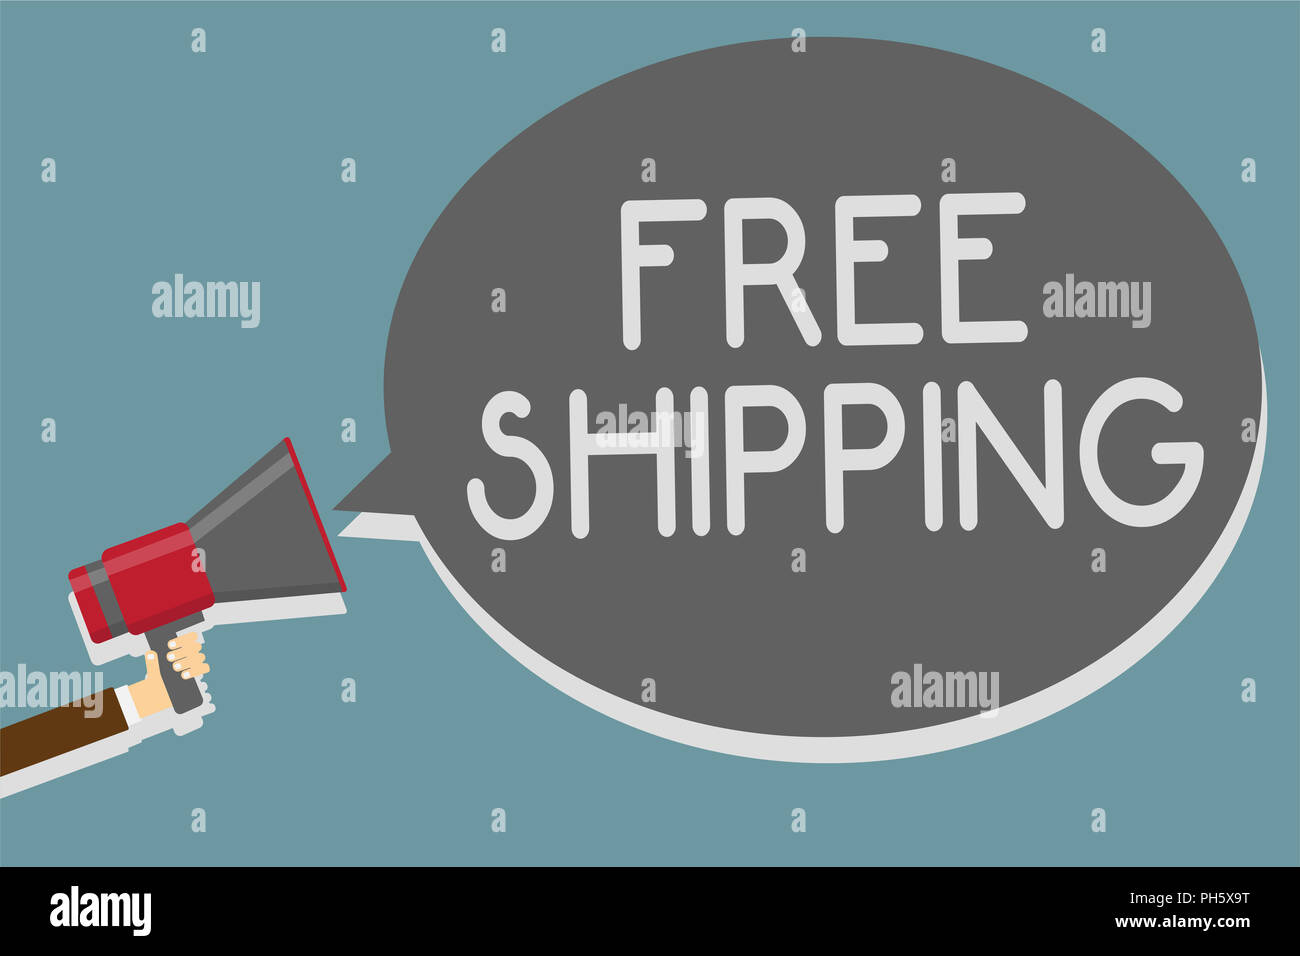 L'écriture note indiquant la livraison gratuite. Photo d'affaires mettant en fret aérien Connaissement Envoi Envoi Payload Cartage Man pointing loudspea Photo Stock